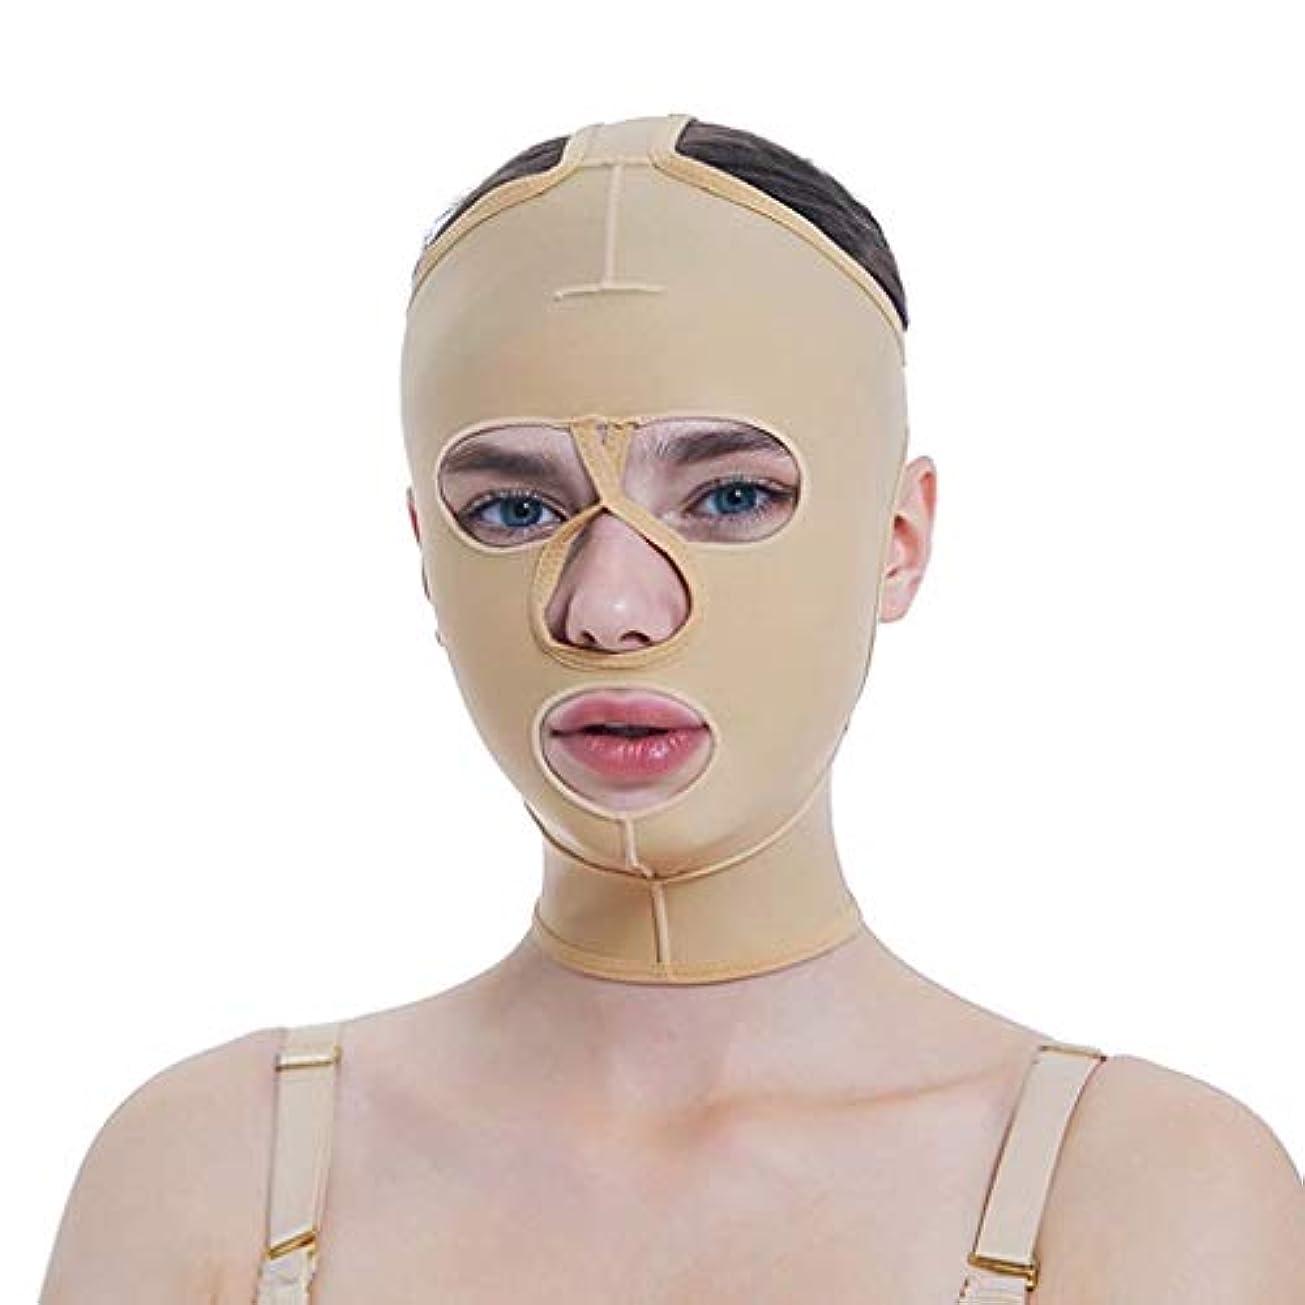 マーク要旨認める脂肪吸引術用成形マスク、薄手かつらVフェイスビームフェイス弾性スリーブマルチサイズオプション(サイズ:M)